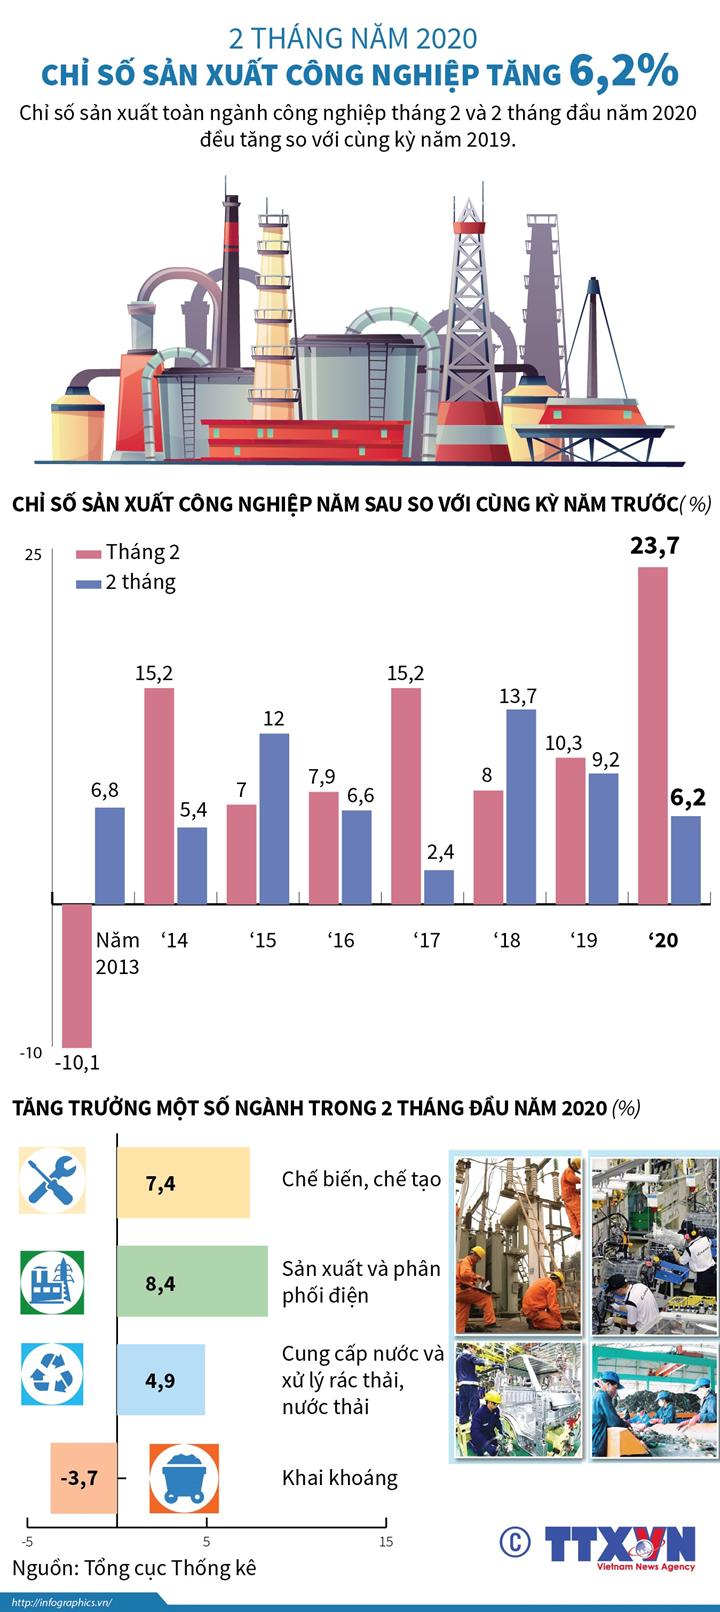 2 tháng năm 2020, chỉ số sản xuất công nghiệp tăng 6,2%